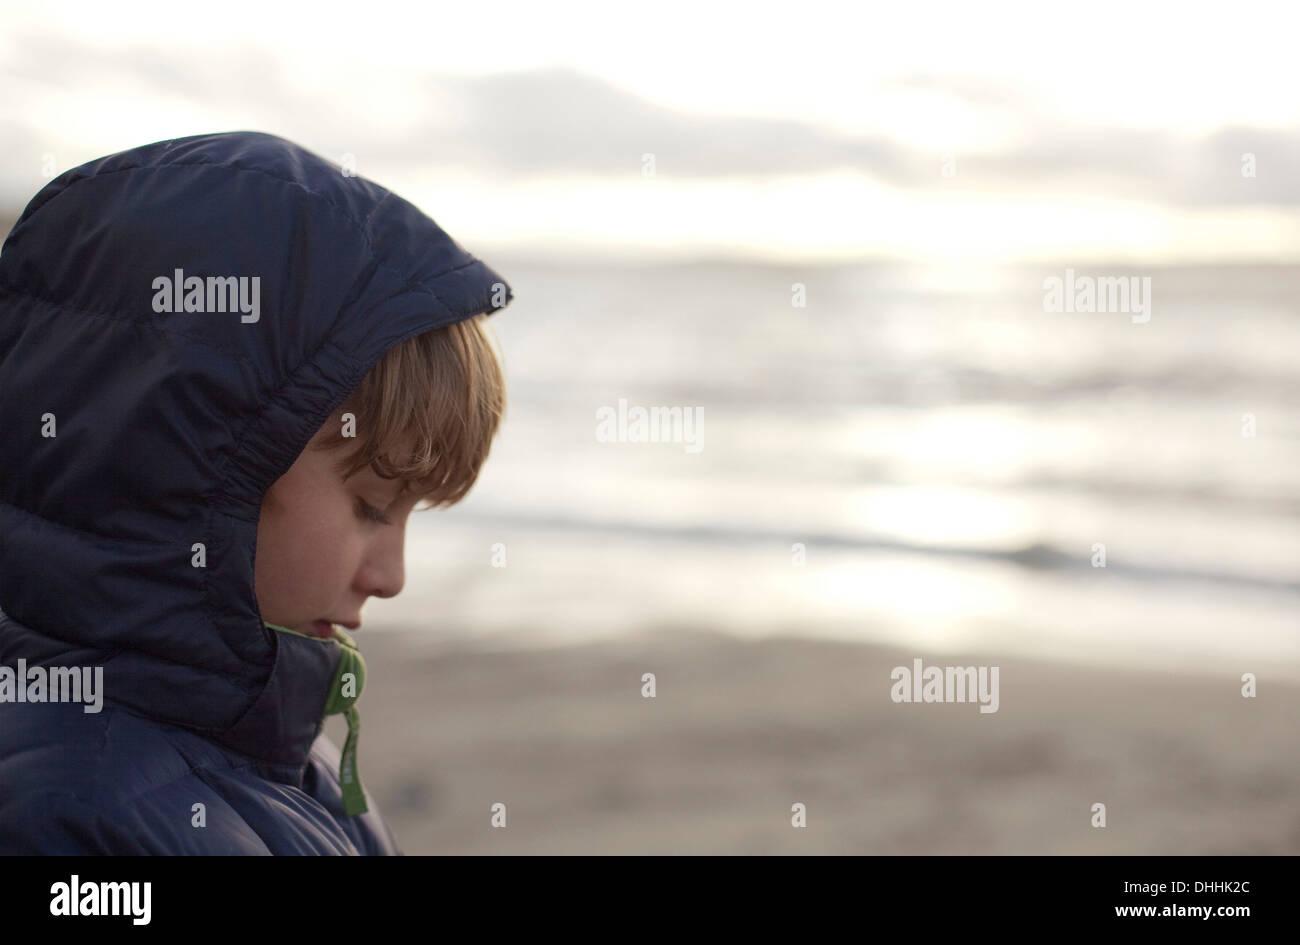 Boy on beach, regardant vers le bas Photo Stock